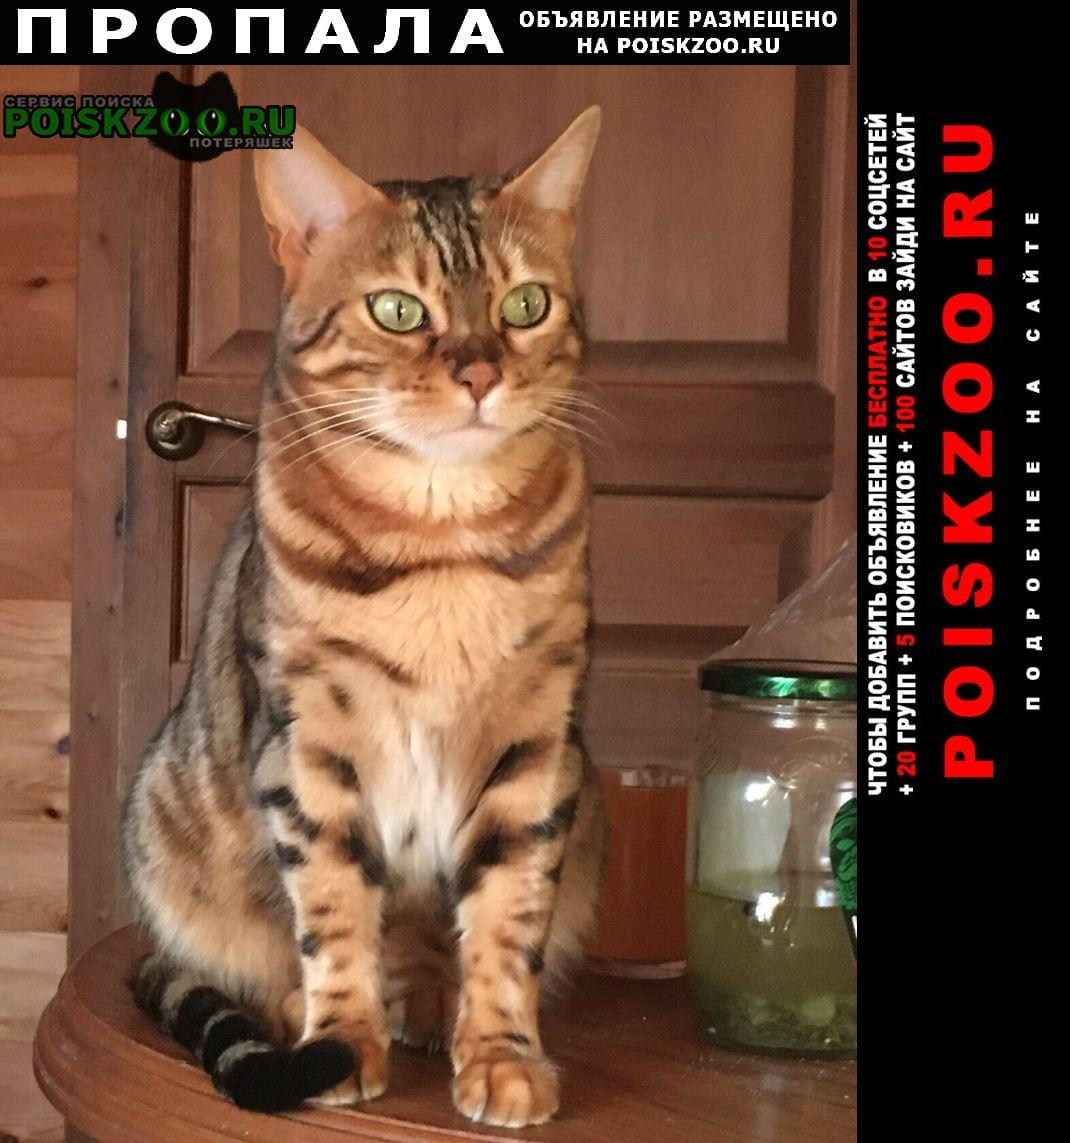 Пропала кошка бенгальской породы Сургут